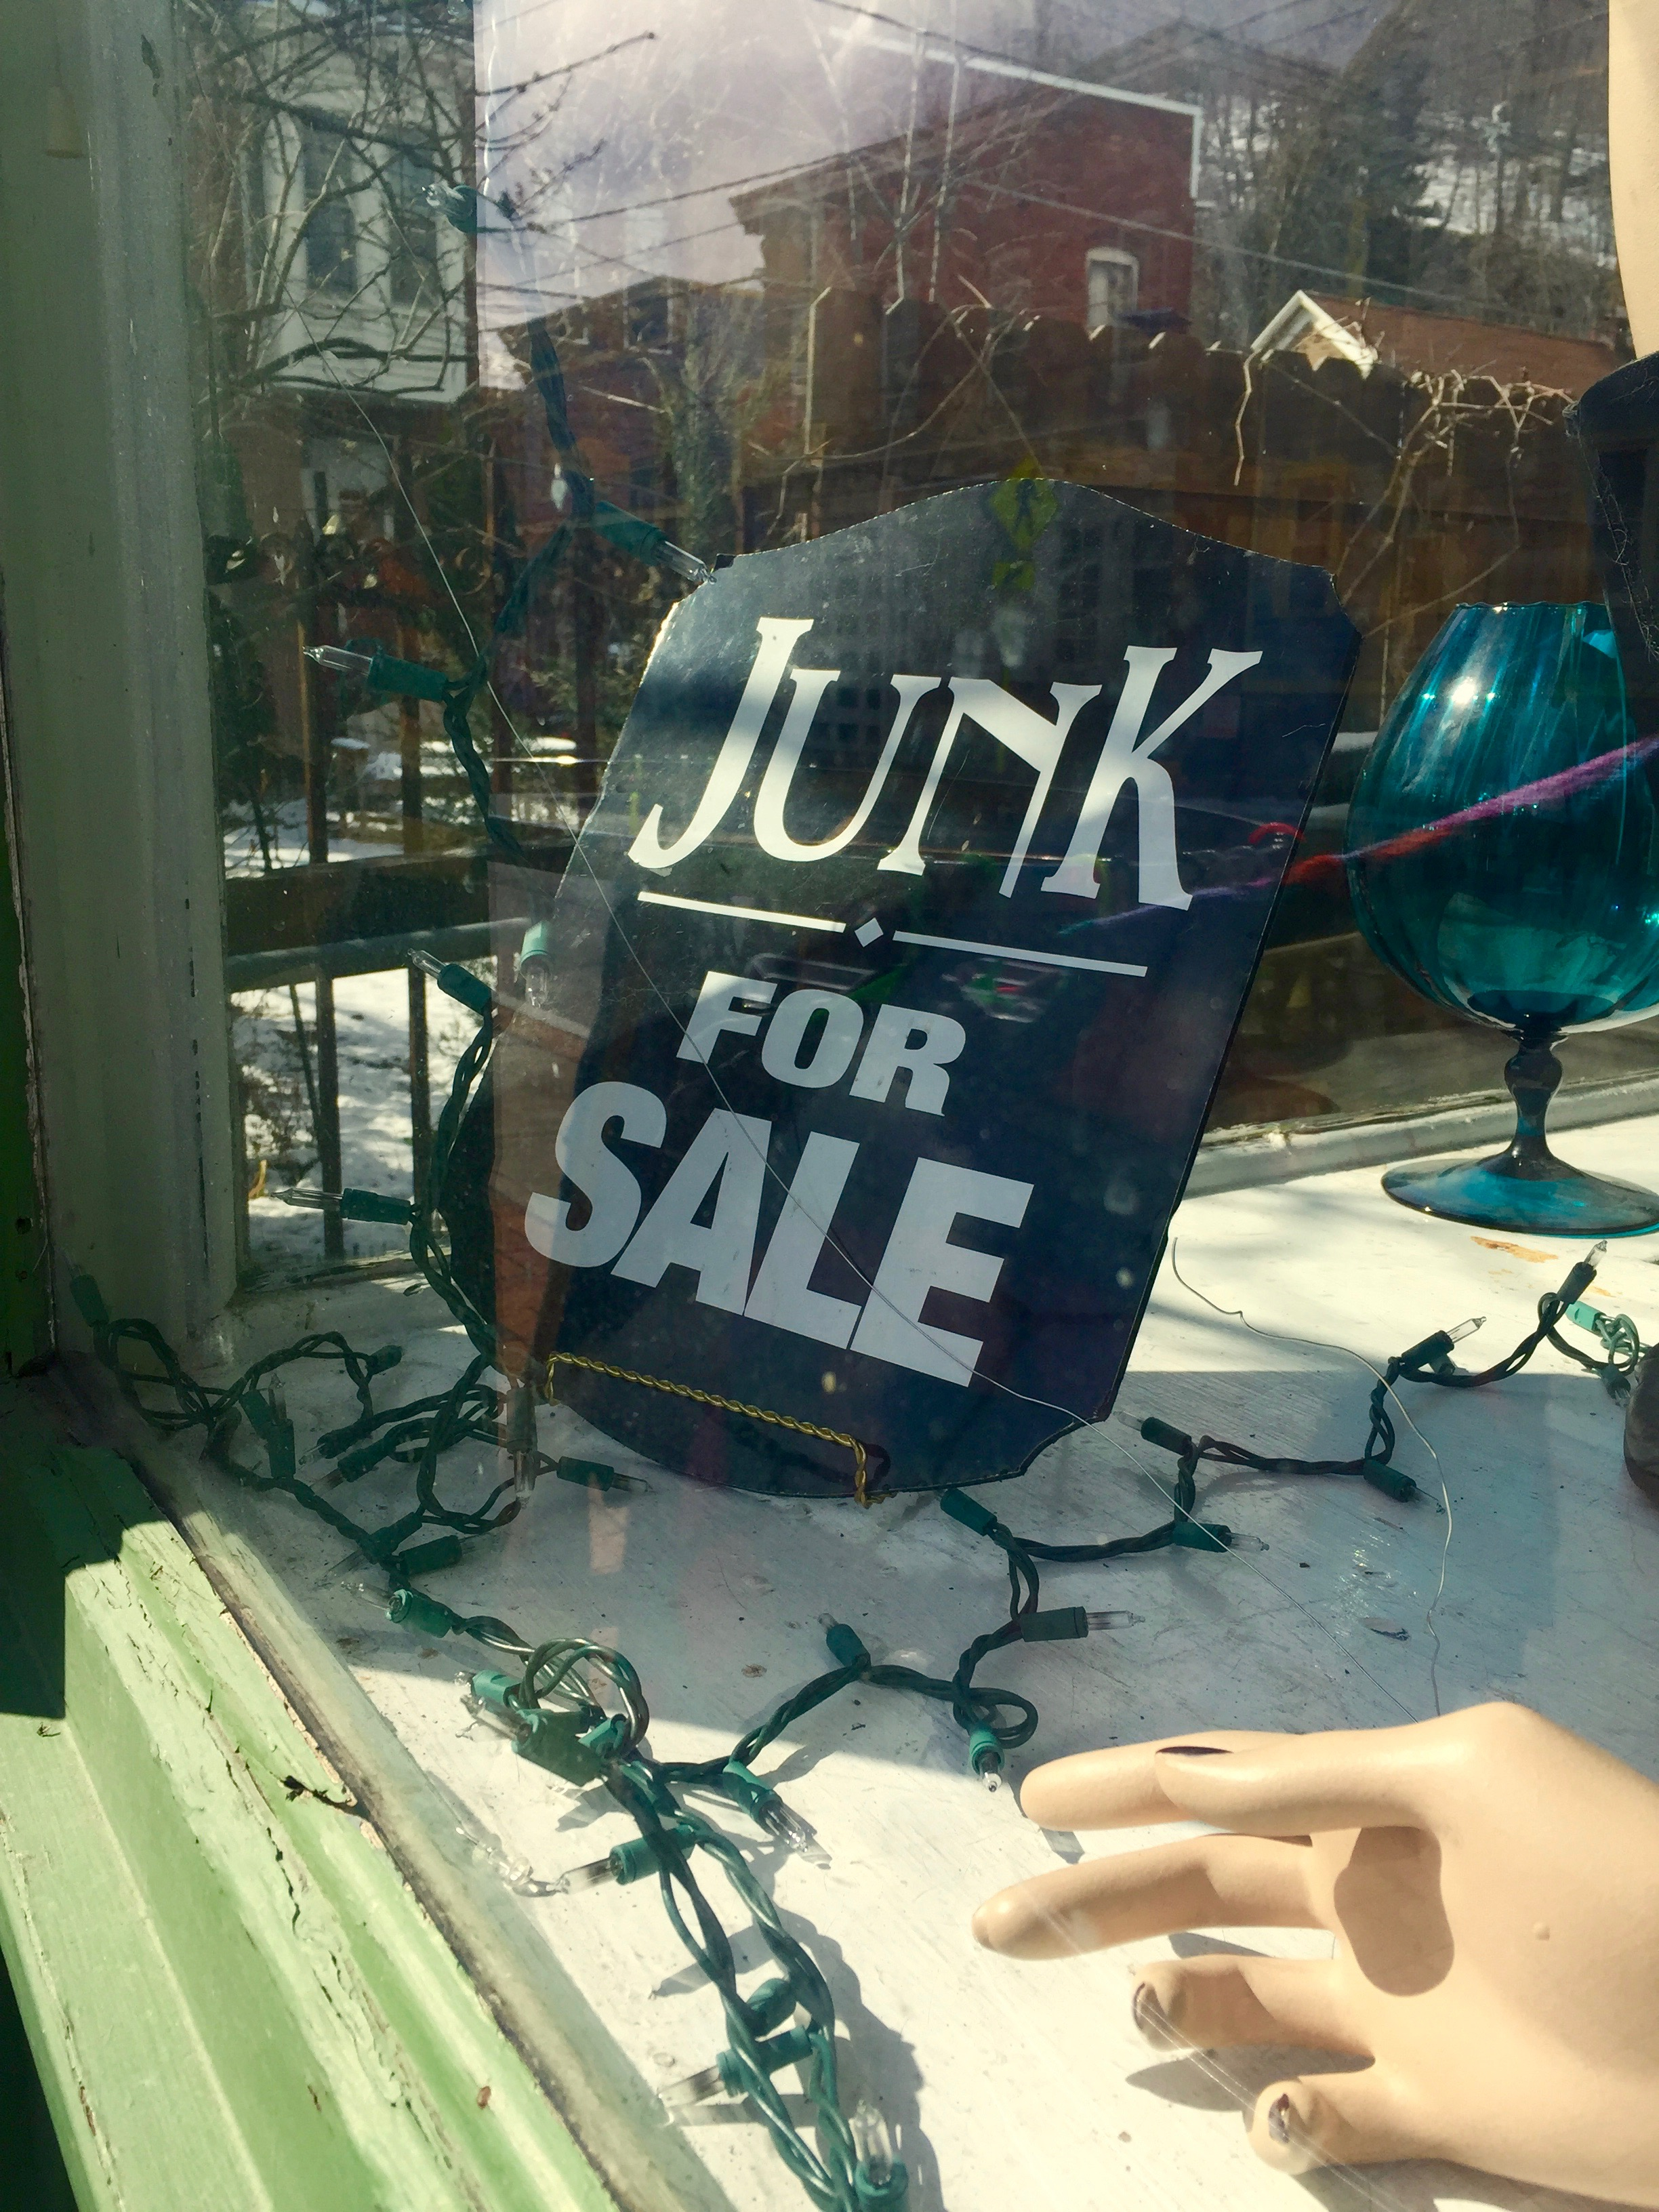 Soiled Dove, Rosendale: Junk for sale